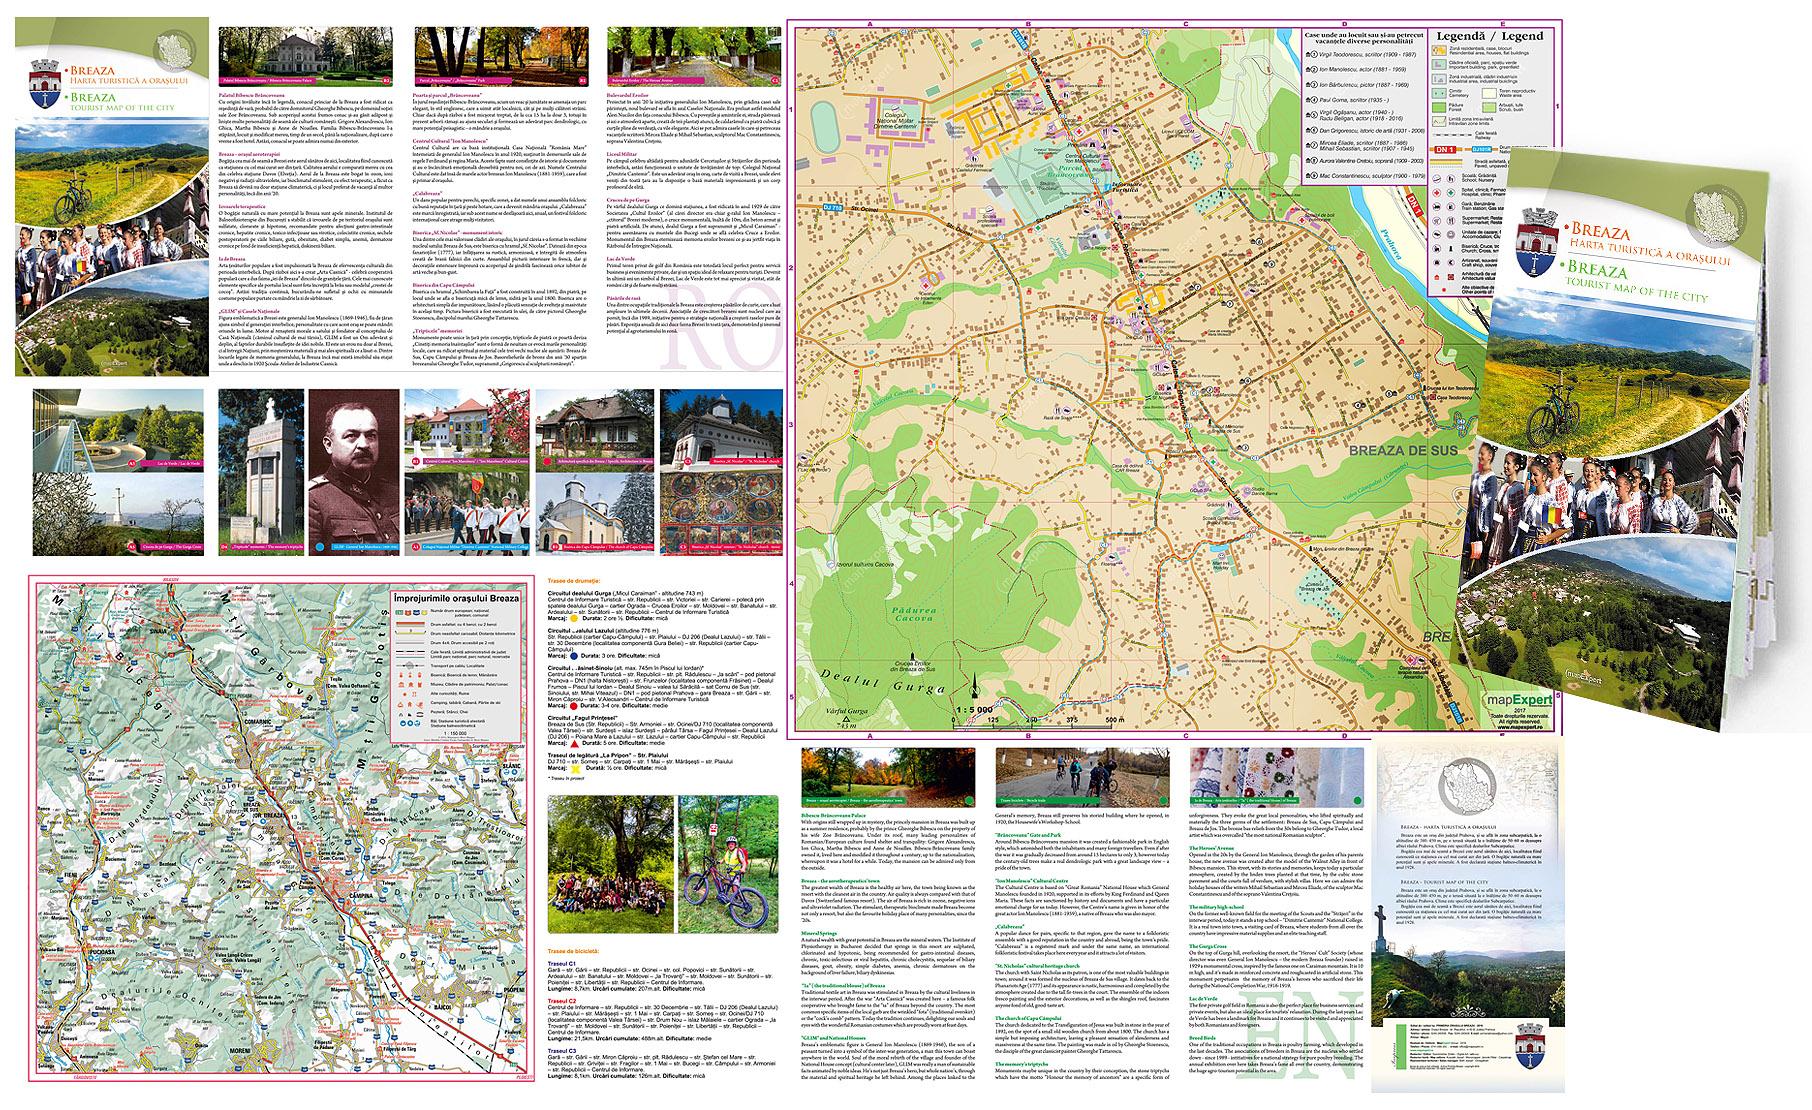 Harta Pliabilă Al Orașului Breaza Mapexpert Group